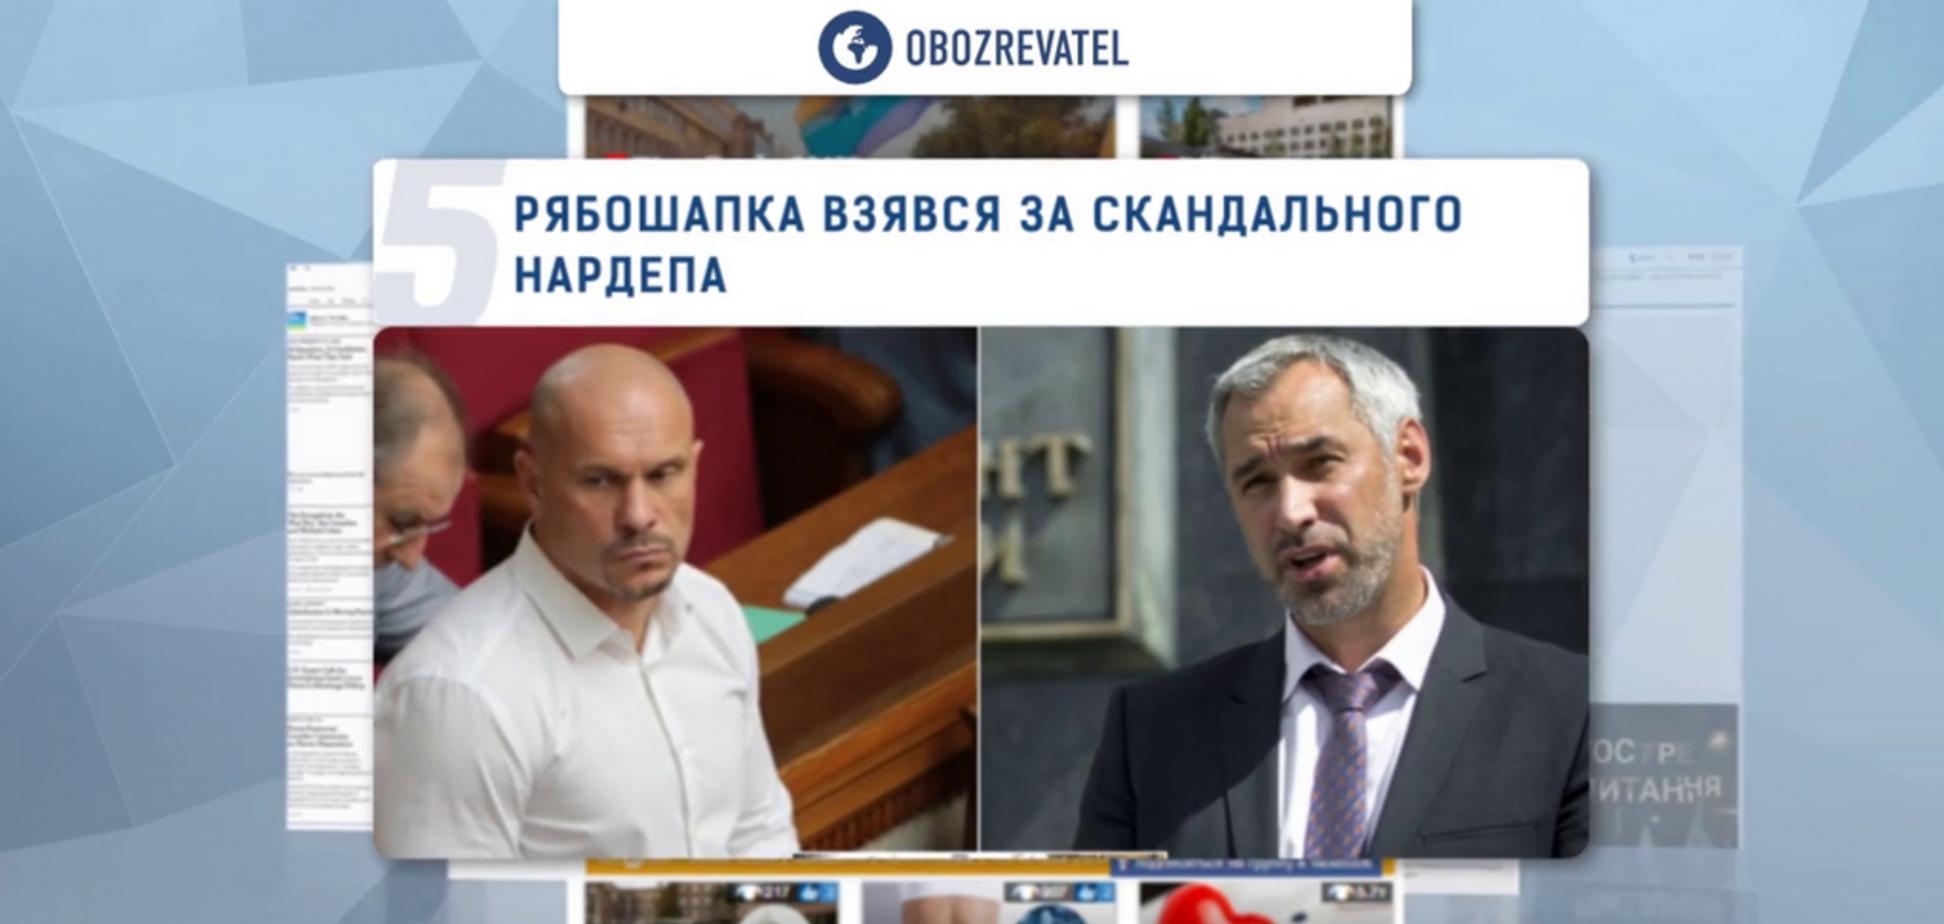 TOP 5 NEWS 23.01.2020